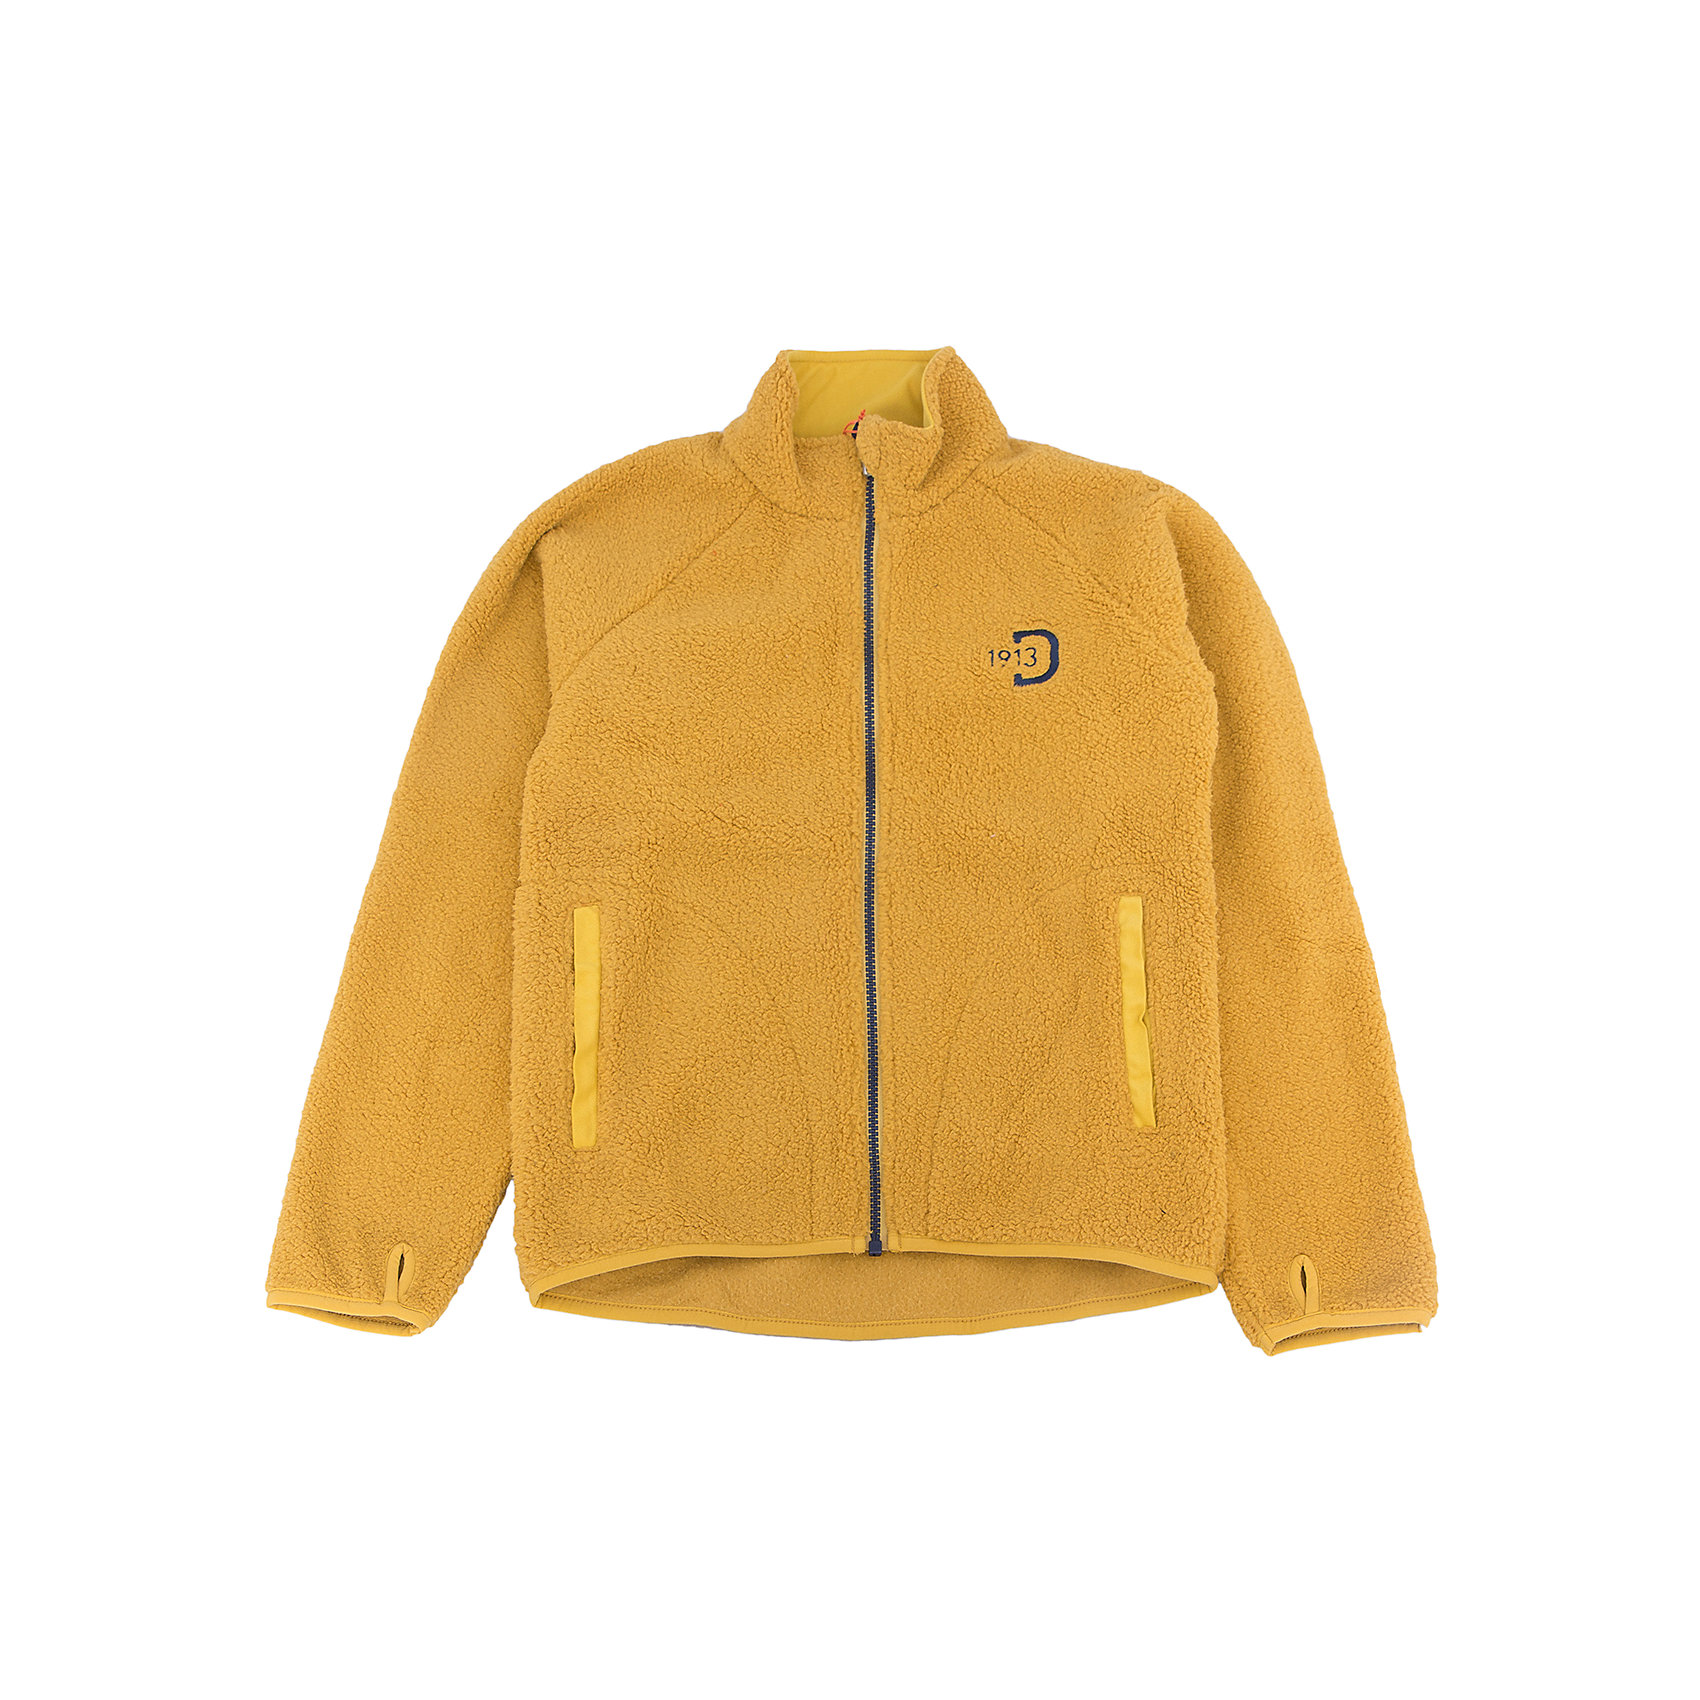 Куртка флисовая Mochini DIDRIKSONSХарактеристики товара:<br><br>• цвет: желтый<br>• материал: 100% полиэстер<br>• флис<br>• длинные рукава<br>• украшена вышивкой<br>• карманы<br>• на концах рукавов отверстие для большого пальца<br>• фронтальная молния<br>• страна бренда: Швеция<br>• страна производства: Китай<br><br>Такие мягкие куртки сейчас очень популярны у детей! Это не только стильно, но еще и очень комфортно, а также тепло. Такая качественная куртка обеспечит ребенку удобство при прогулках и активном отдыхе в прохладные дне, в межсезонье или зимой. Эта модель от шведского производителя легко стирается, подходит под разные погодные условия.<br>Куртка сшита из качественной мягкой ткани, которая позволяет телу дышать, она очень приятна на ощупь. Очень стильная и удобная модель! Изделие качественно выполнено, сделано из безопасных для детей материалов. <br><br>Куртку от бренда DIDRIKSONS можно купить в нашем интернет-магазине.<br><br>Ширина мм: 356<br>Глубина мм: 10<br>Высота мм: 245<br>Вес г: 519<br>Цвет: желтый<br>Возраст от месяцев: 108<br>Возраст до месяцев: 120<br>Пол: Унисекс<br>Возраст: Детский<br>Размер: 140,130,120,110,100,90,80<br>SKU: 5043989